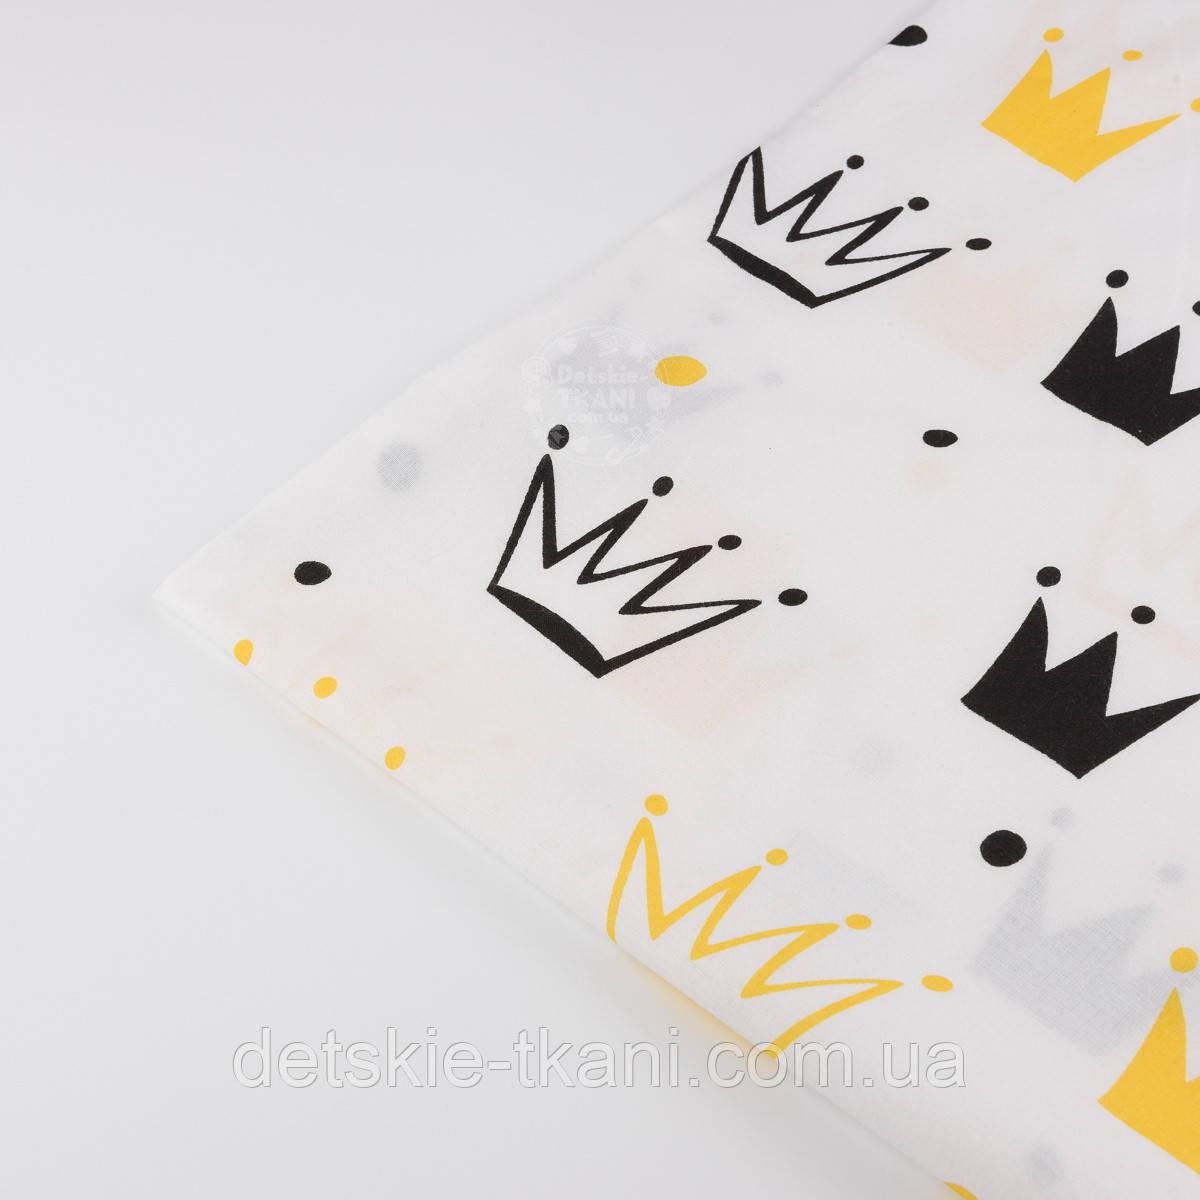 """Отрез ткани """"Нарисованные короны"""" жёлтые и чёрные на белом №1336, размер 95*160"""